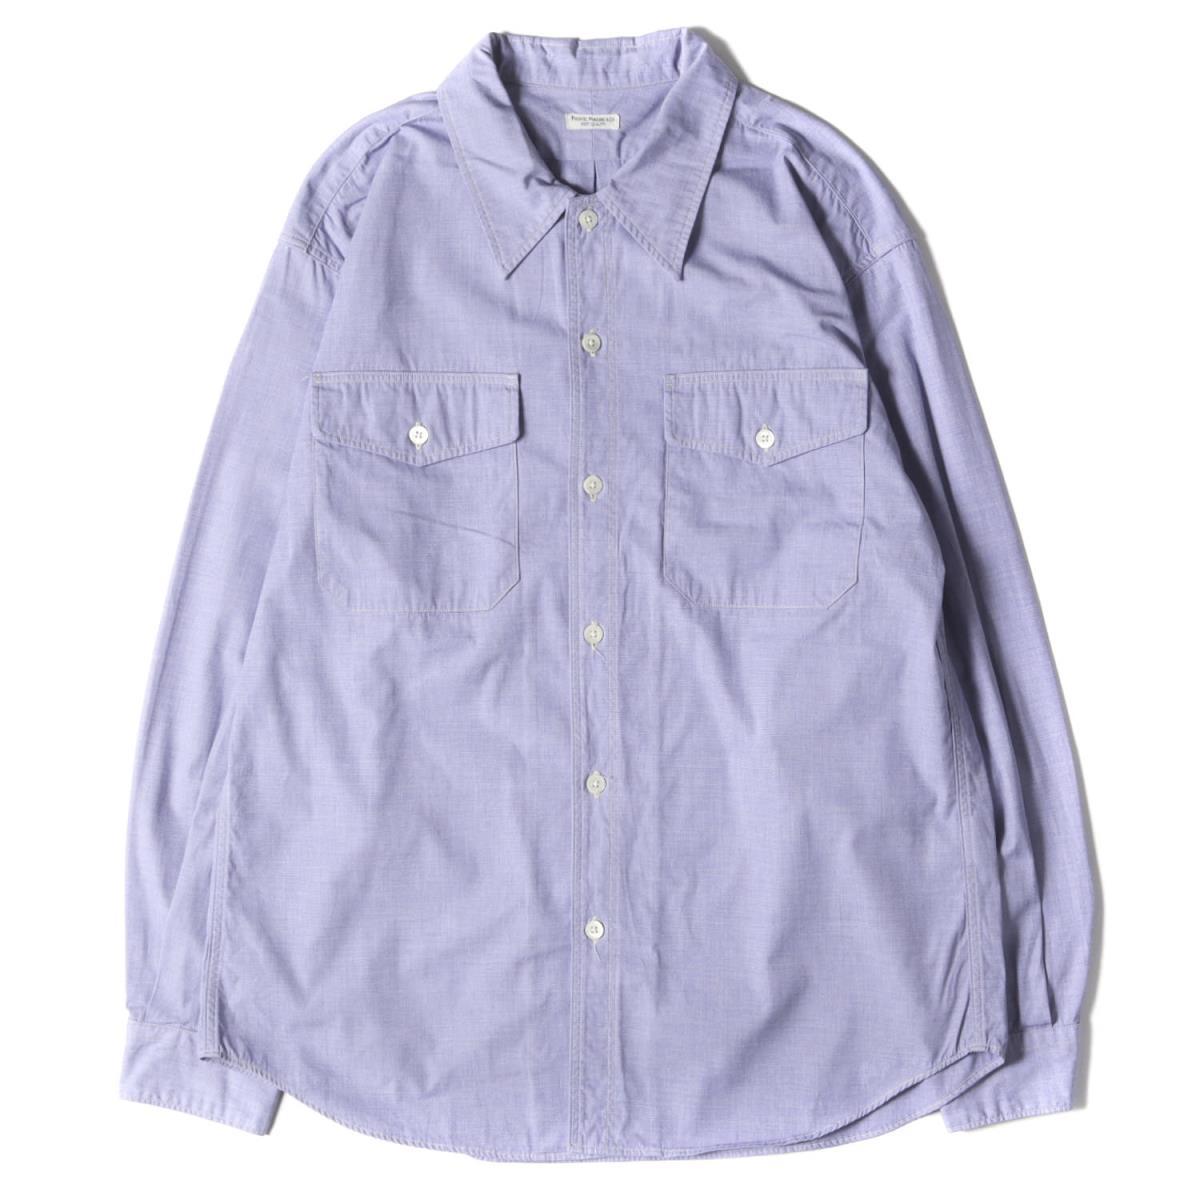 トップス, カジュアルシャツ PHIGVEL UTILITY SHIRT 20AW 1 K3072